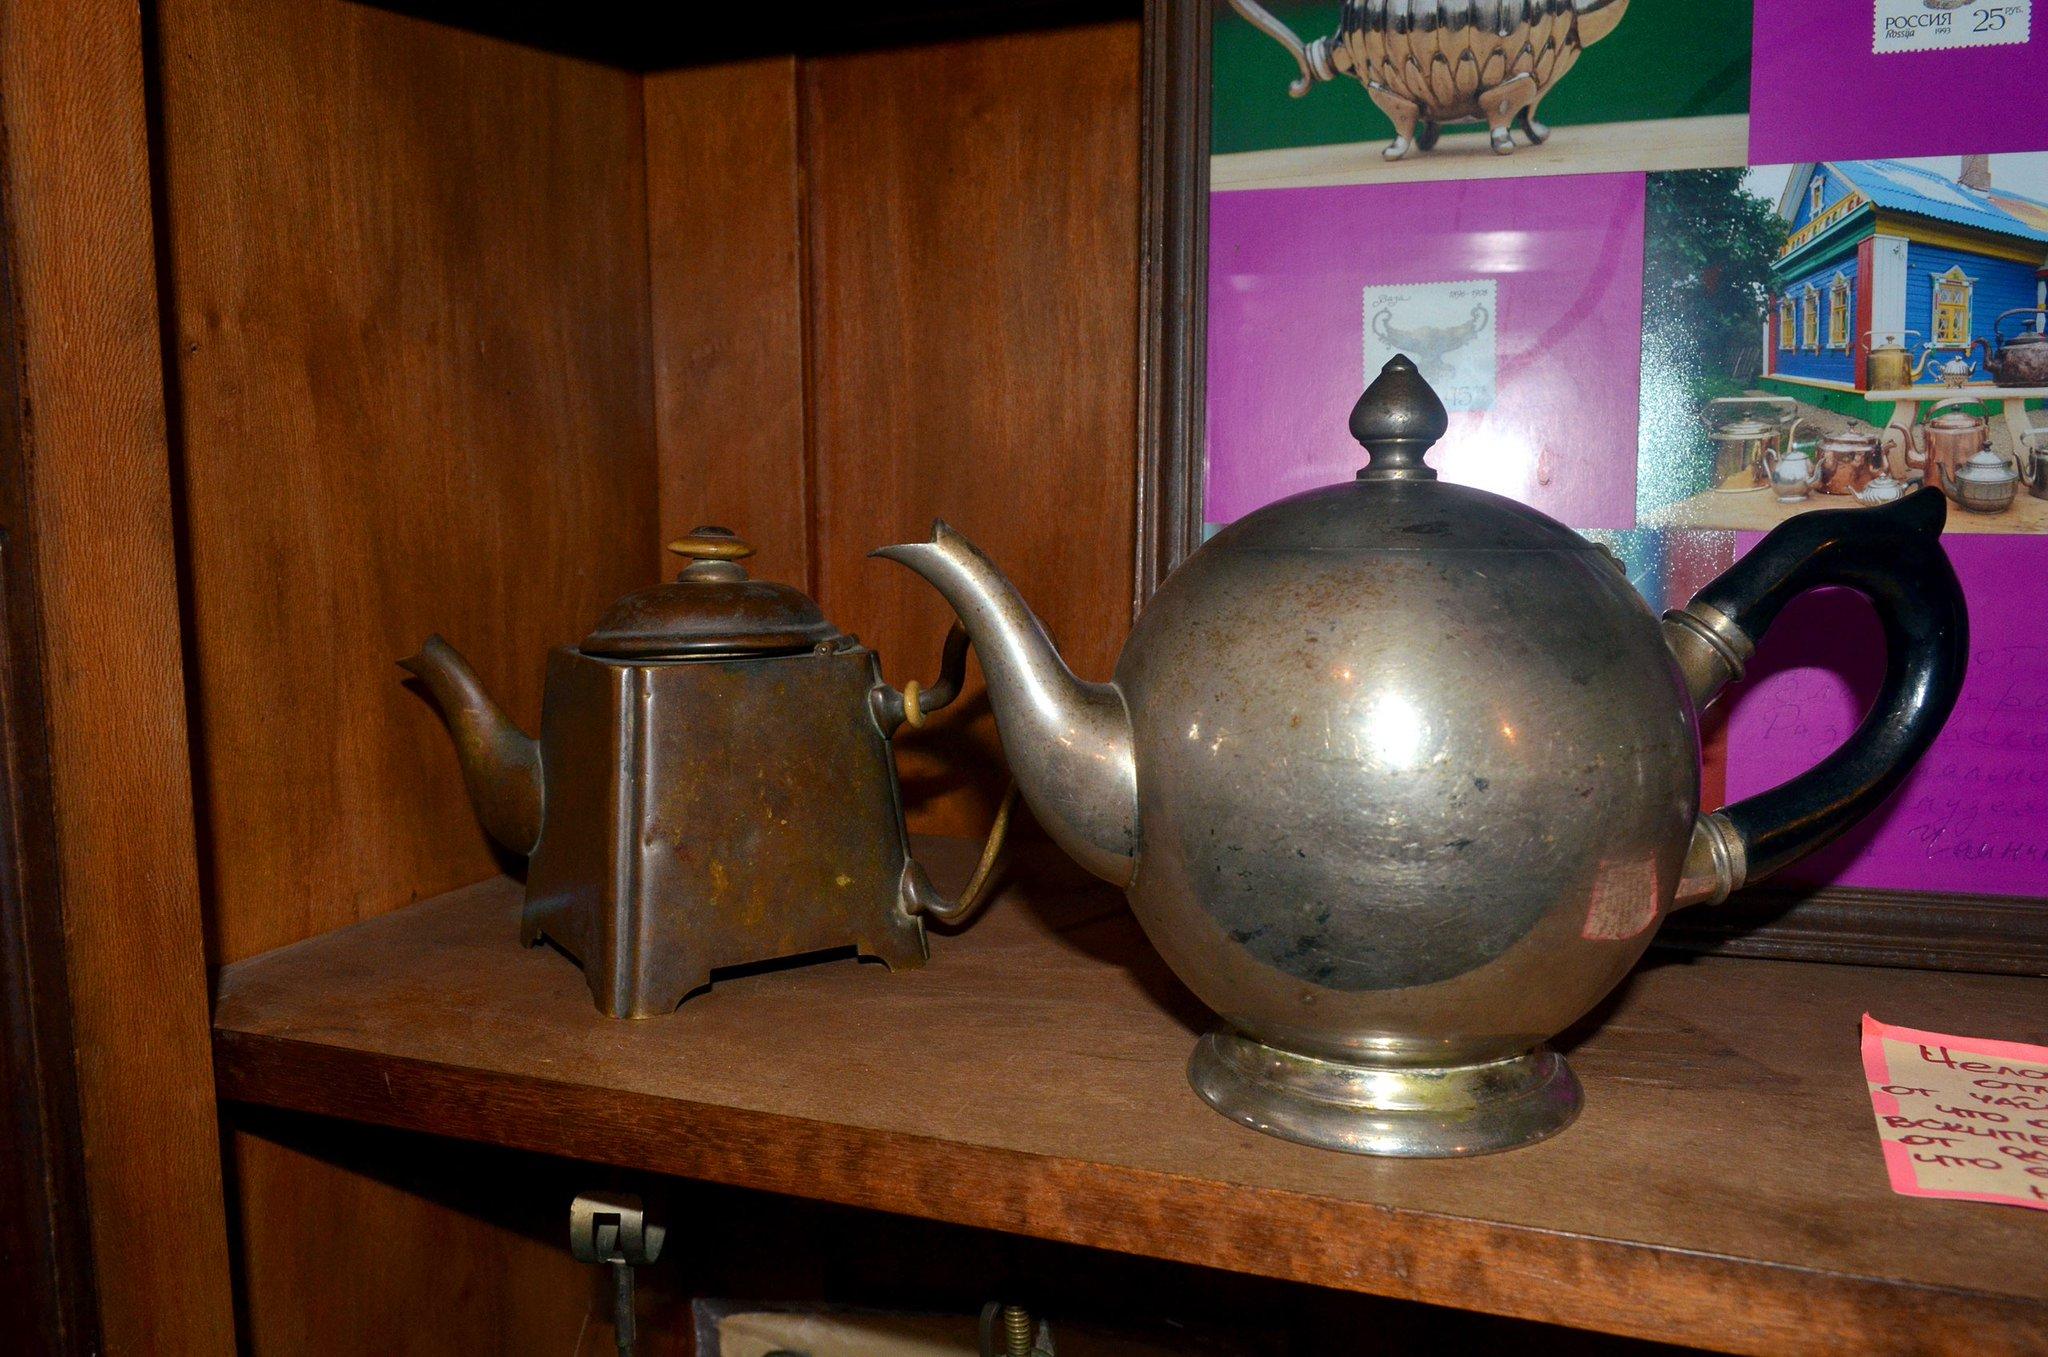 Краеведческий музей ставрополь фото экспонатов разобраться